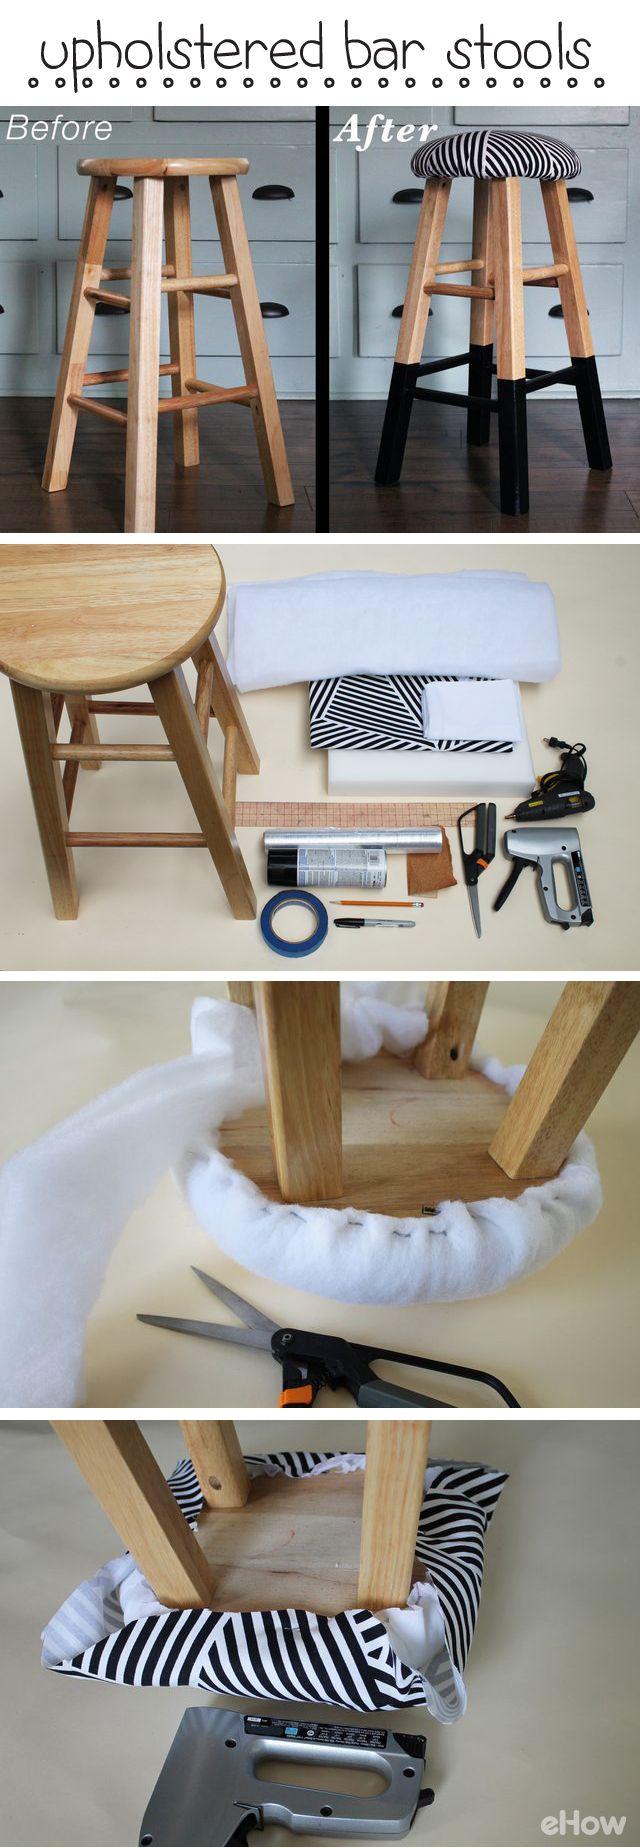 Tapice un taburete de bar con espuma y tejido para añadir un diseño personalizado y un asiento cómodo. Añada pintura a las patas para transformar la apariencia.